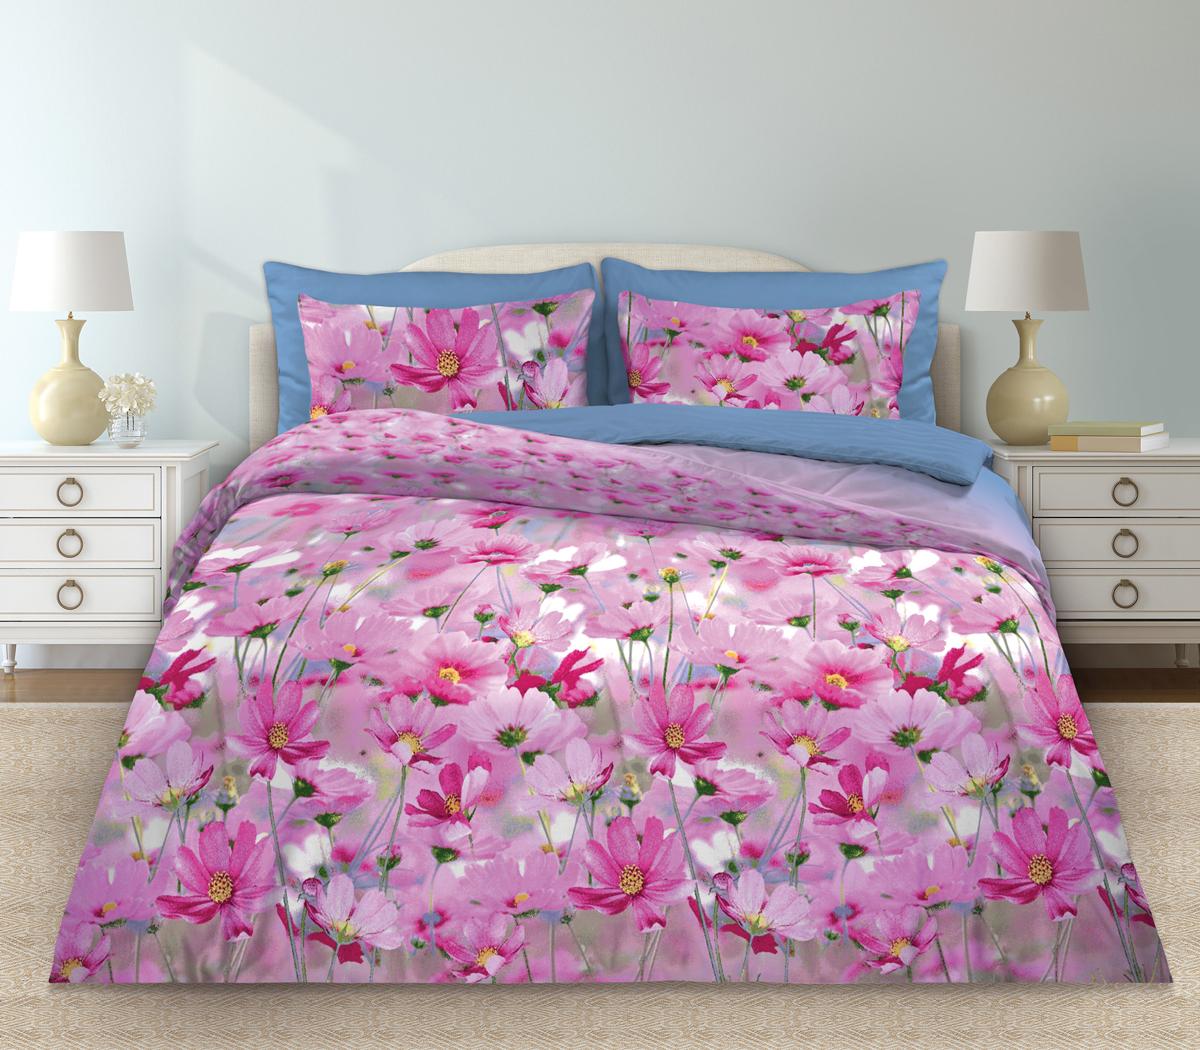 Комплект белья Любимый дом Скарлетт, евро, наволочки 70 х 70, цвет: розовый. 331151331151Комплект постельного белья коллекции «Любимый дом» - выполнен из высококачественной ткани из 100% хлопка. Такое белье абсолютно натуральное, гипоаллергенное, соответствует строжайшим экологическим нормам безопасности, комфортное, дышащее, не нарушает естественные процессы терморегуляции, прочное, не линяет, не деформируется и не теряет своих красок даже после многочисленных стирок, а также отличается хорошей износостойкостью.